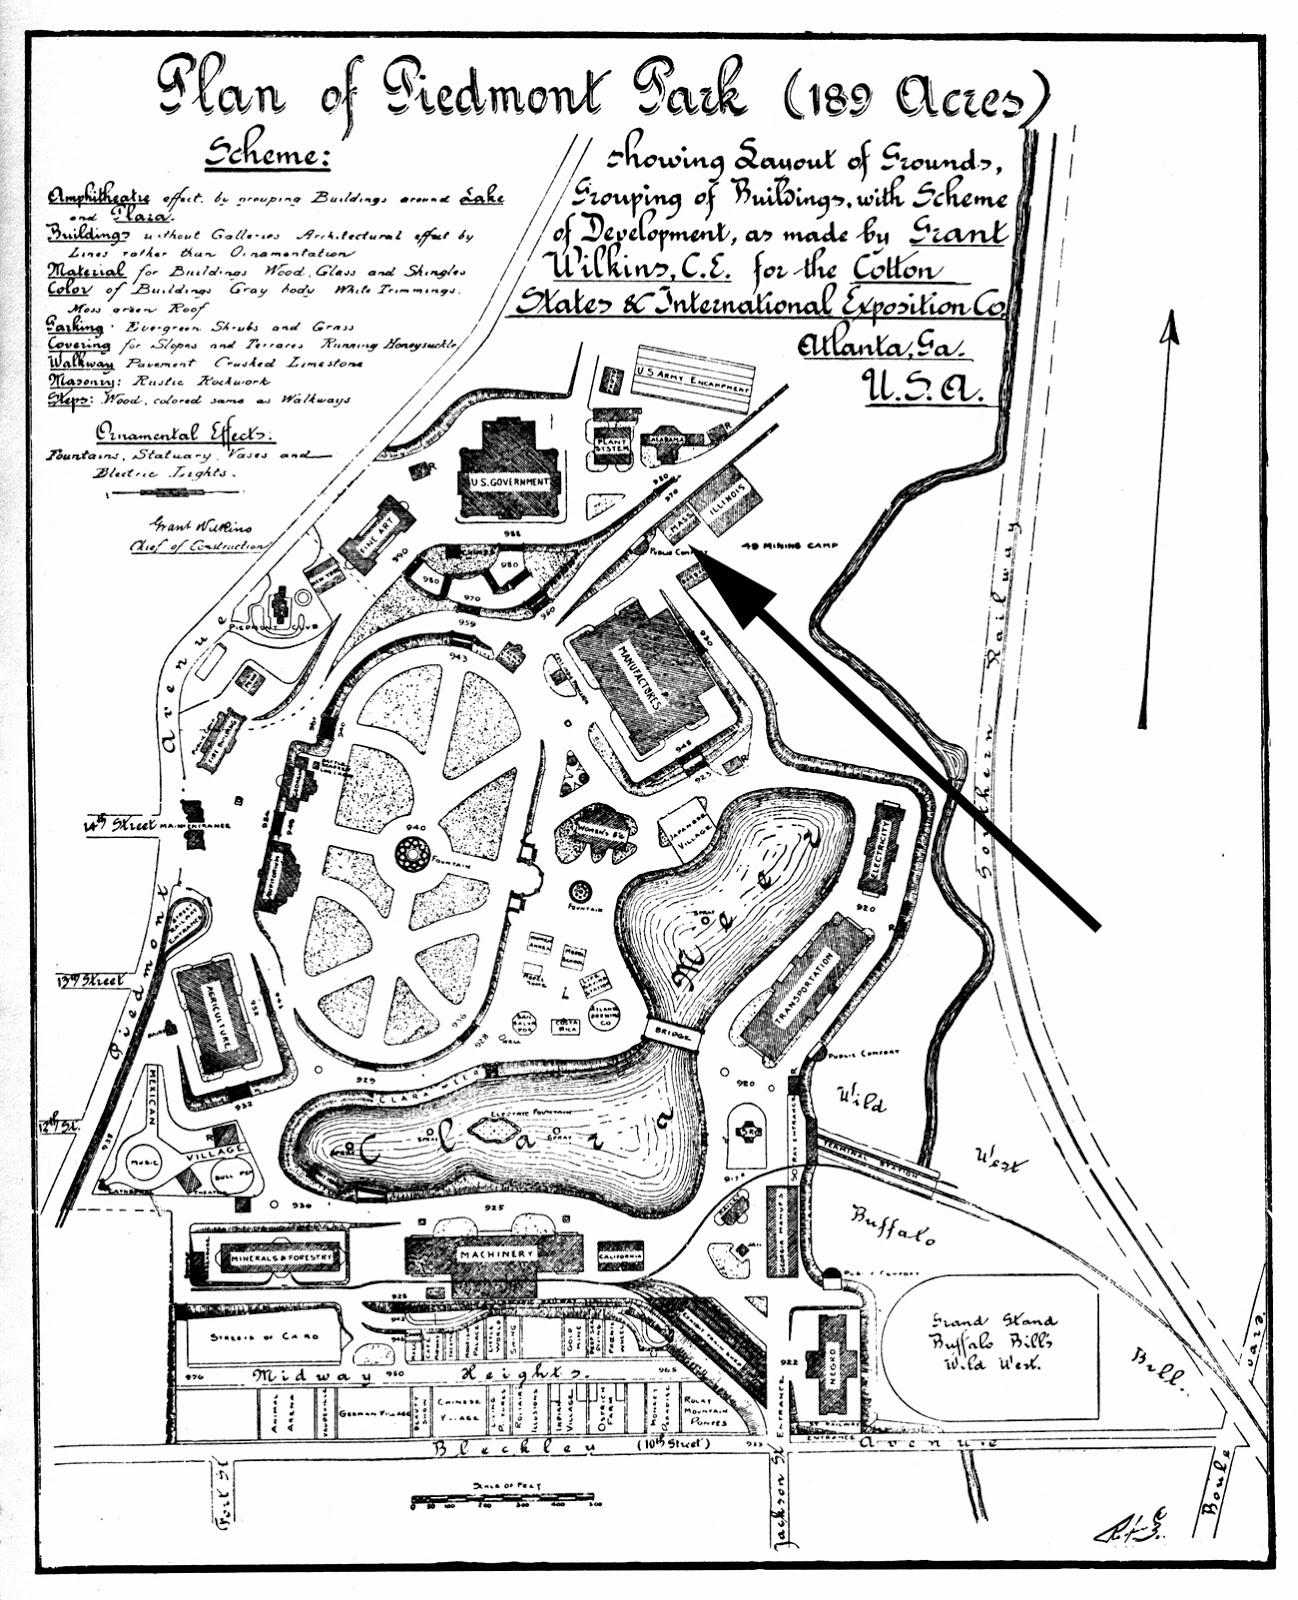 Mototique: Piedmont Park, Atlanta's Early Racetracks